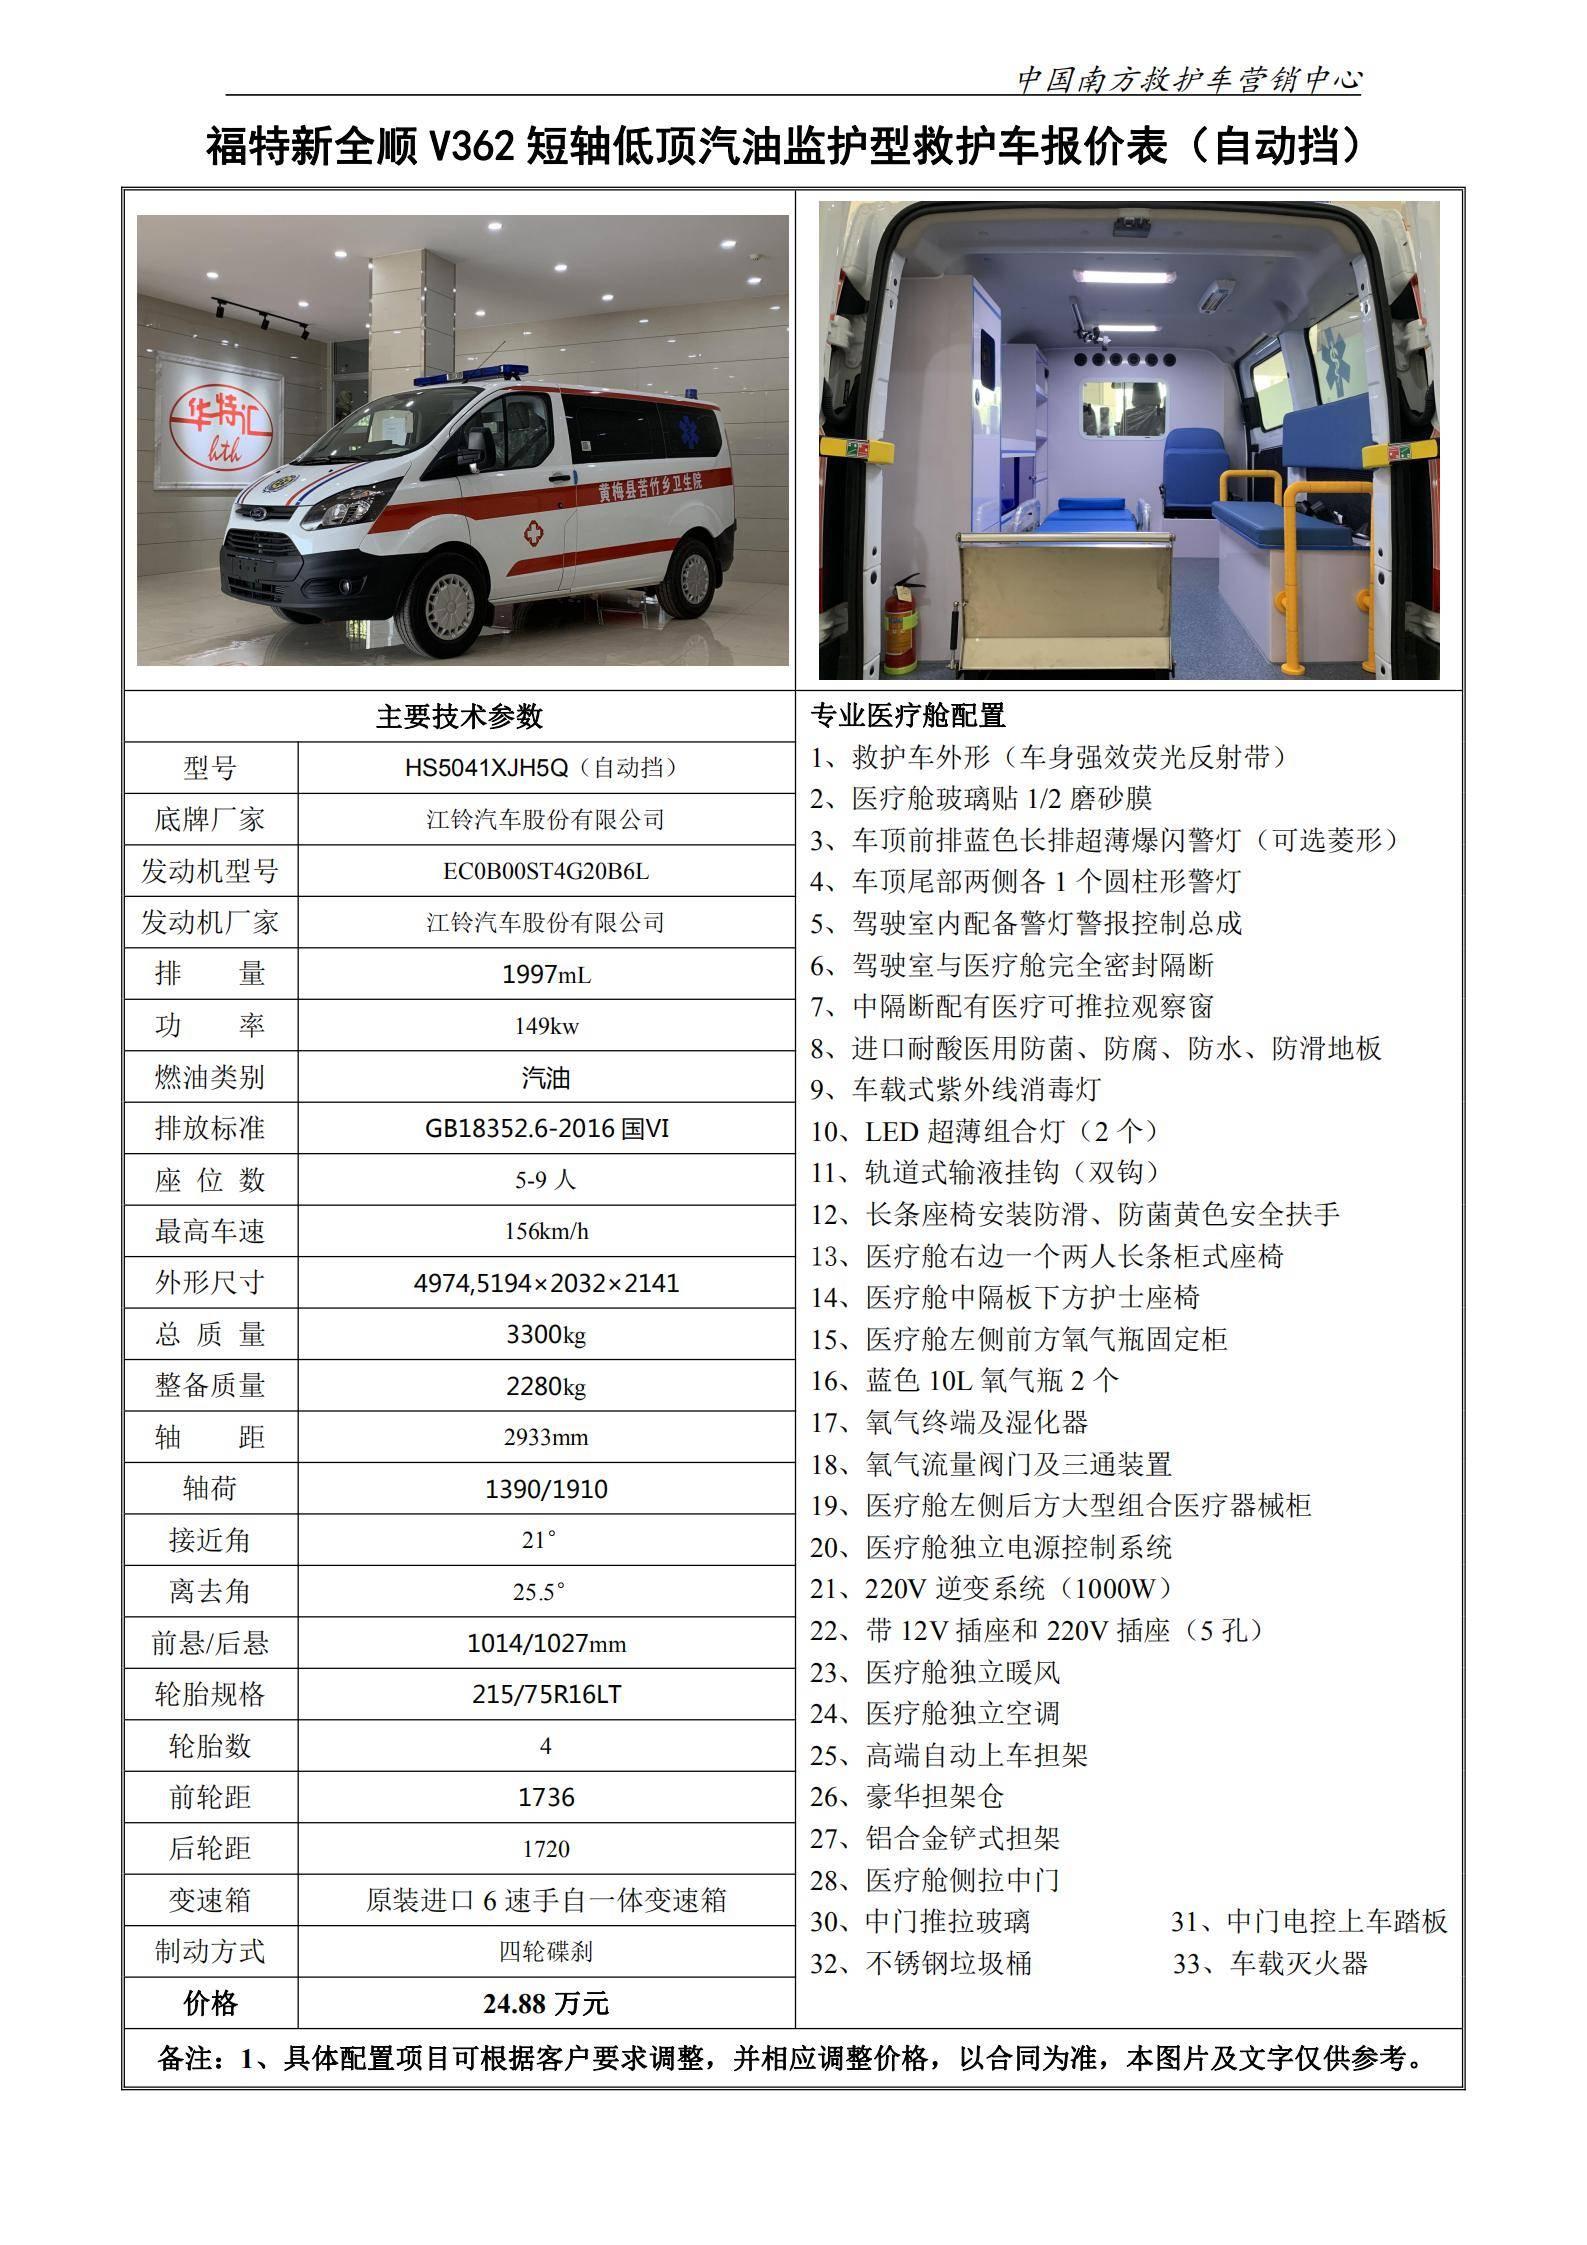 9、Ⅴ362短低汽油监护型救护车(自动挡